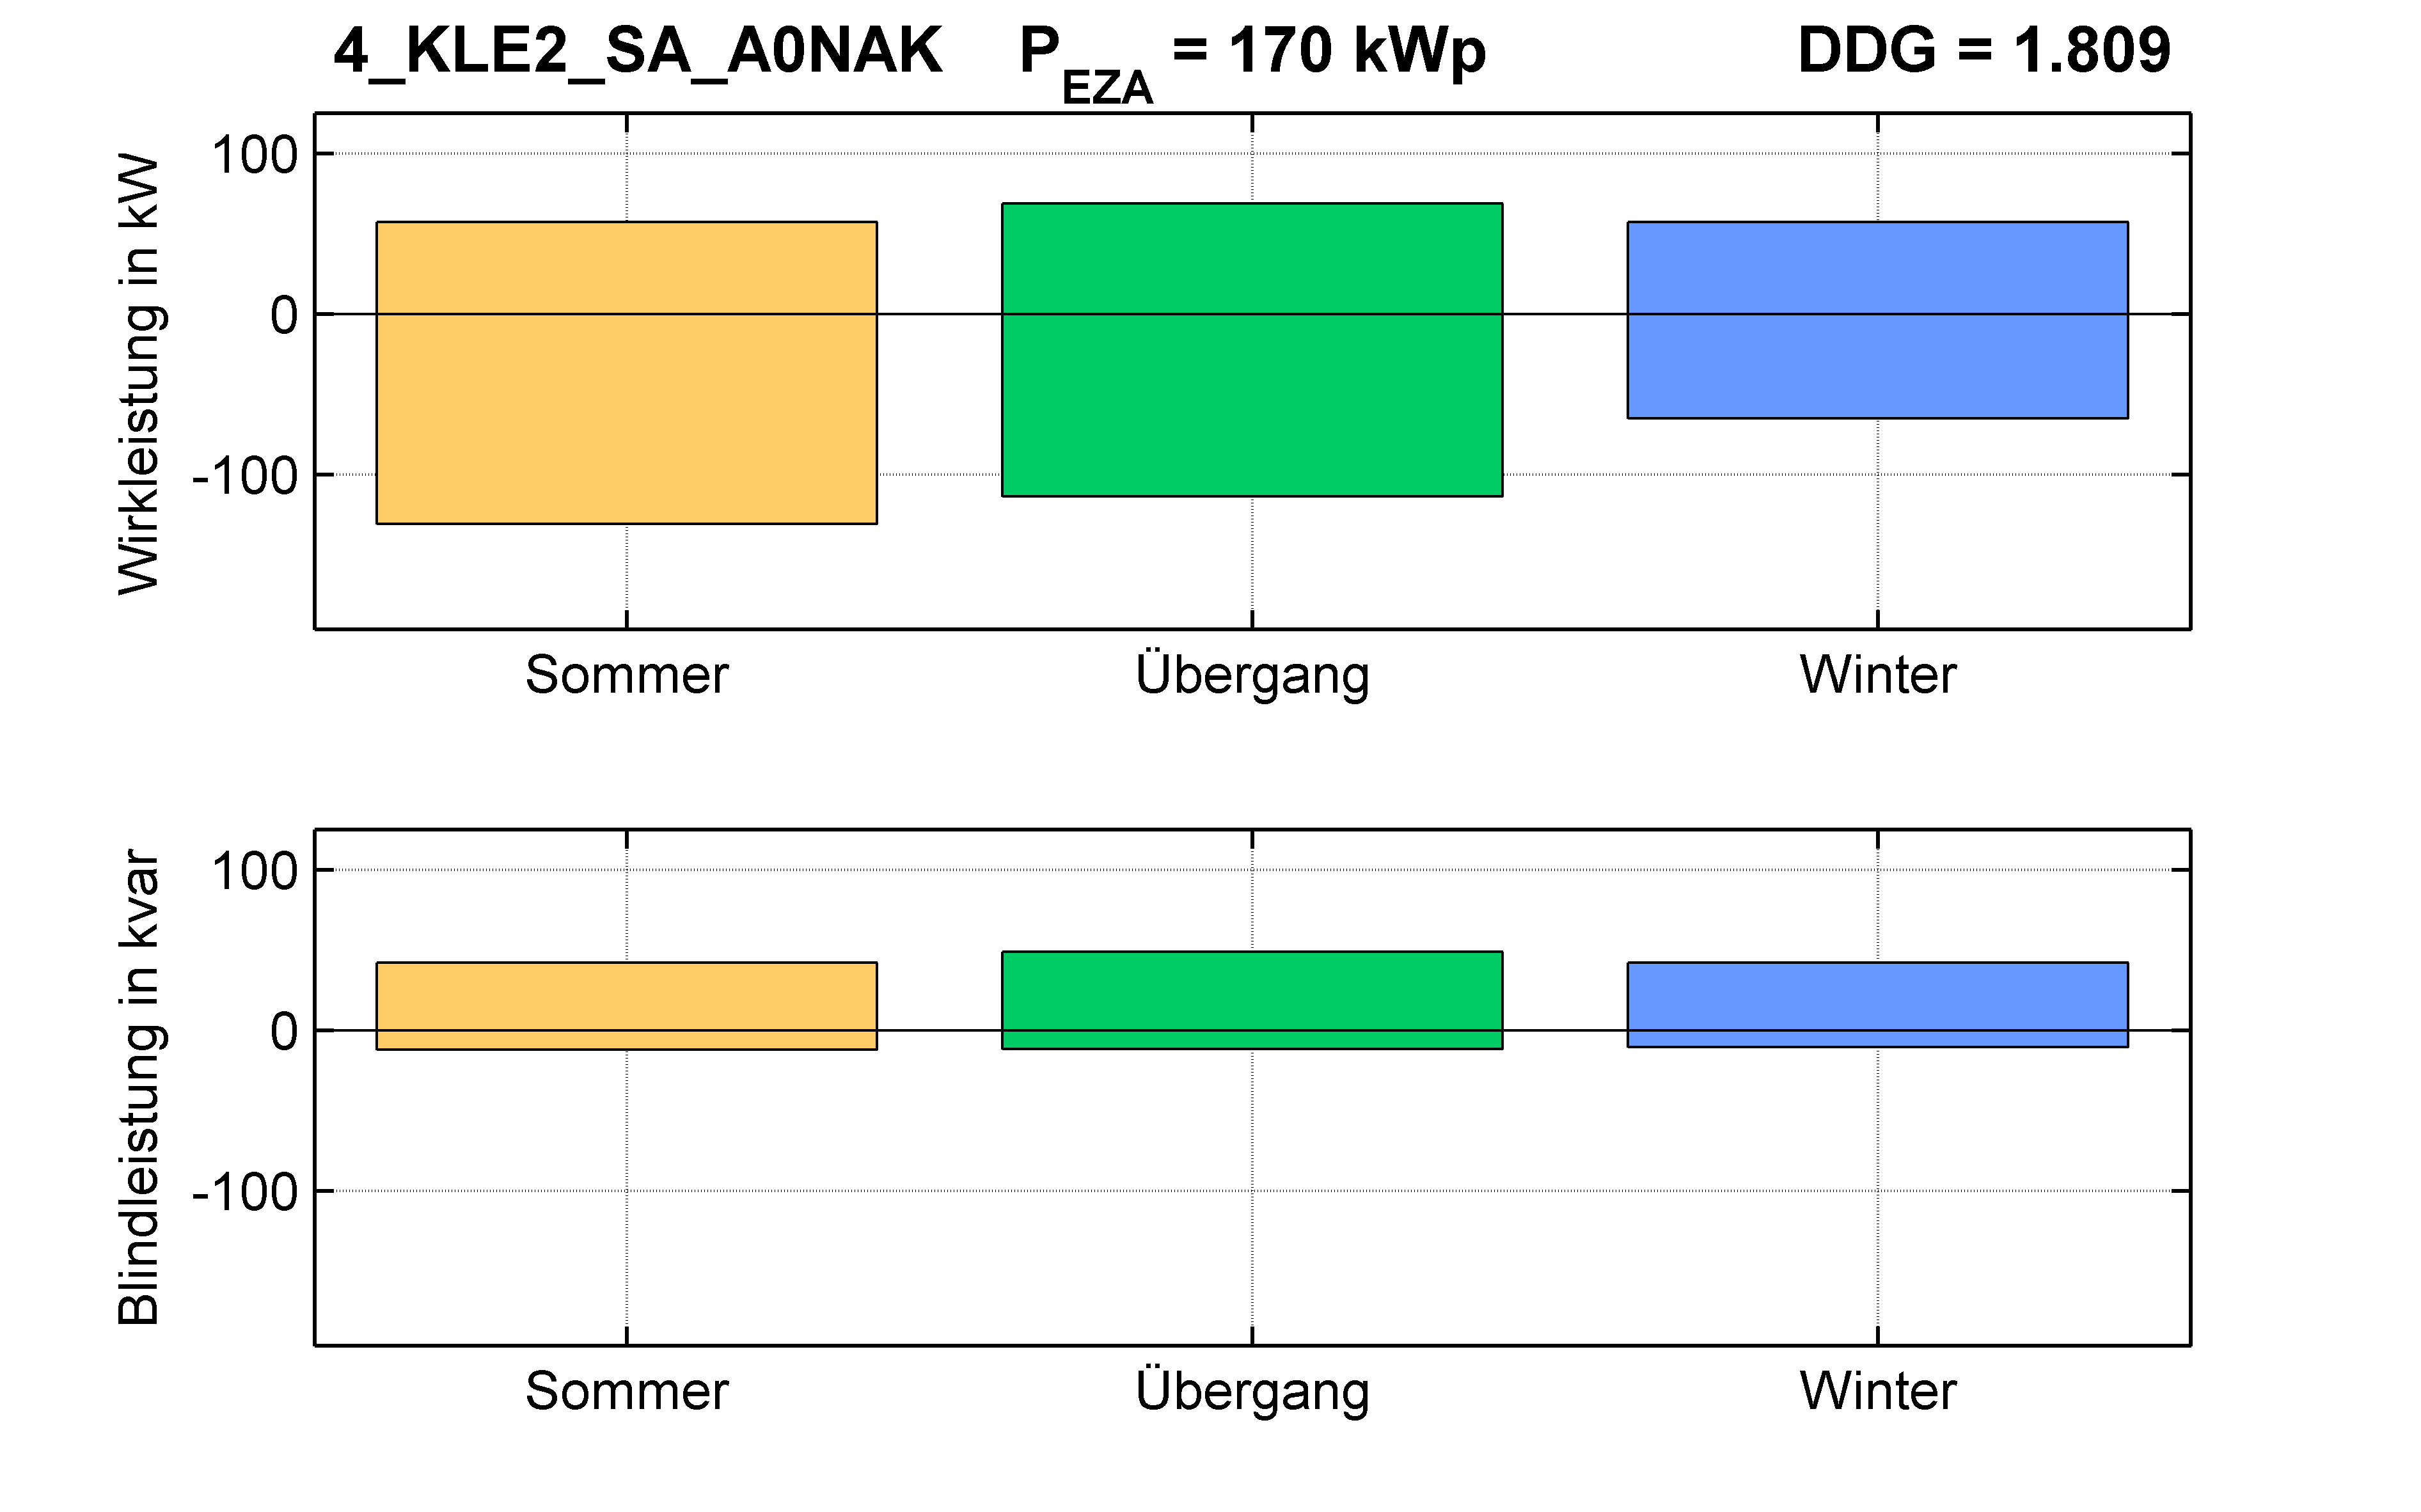 KLE2 | P-Kappung 55% (SA) A0NAK | PQ-Bilanz